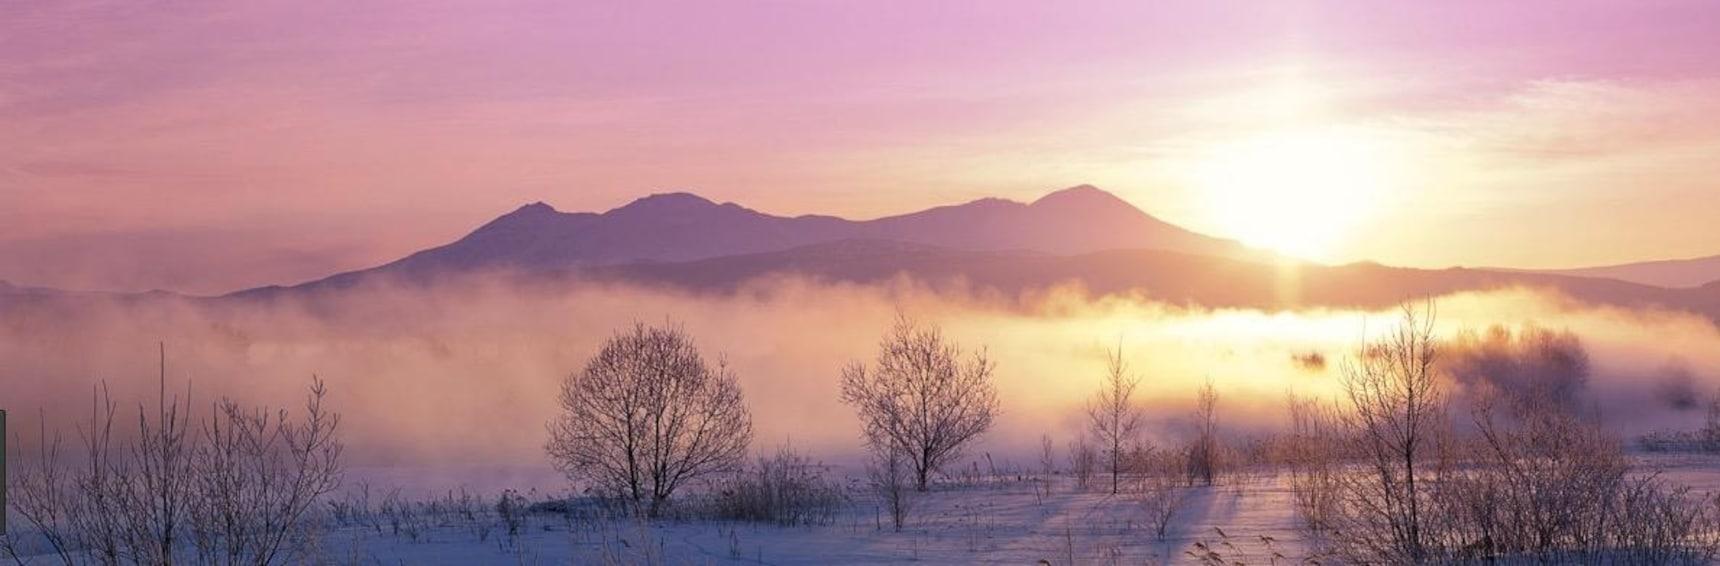 설경이 아름다운 겨울 여행지